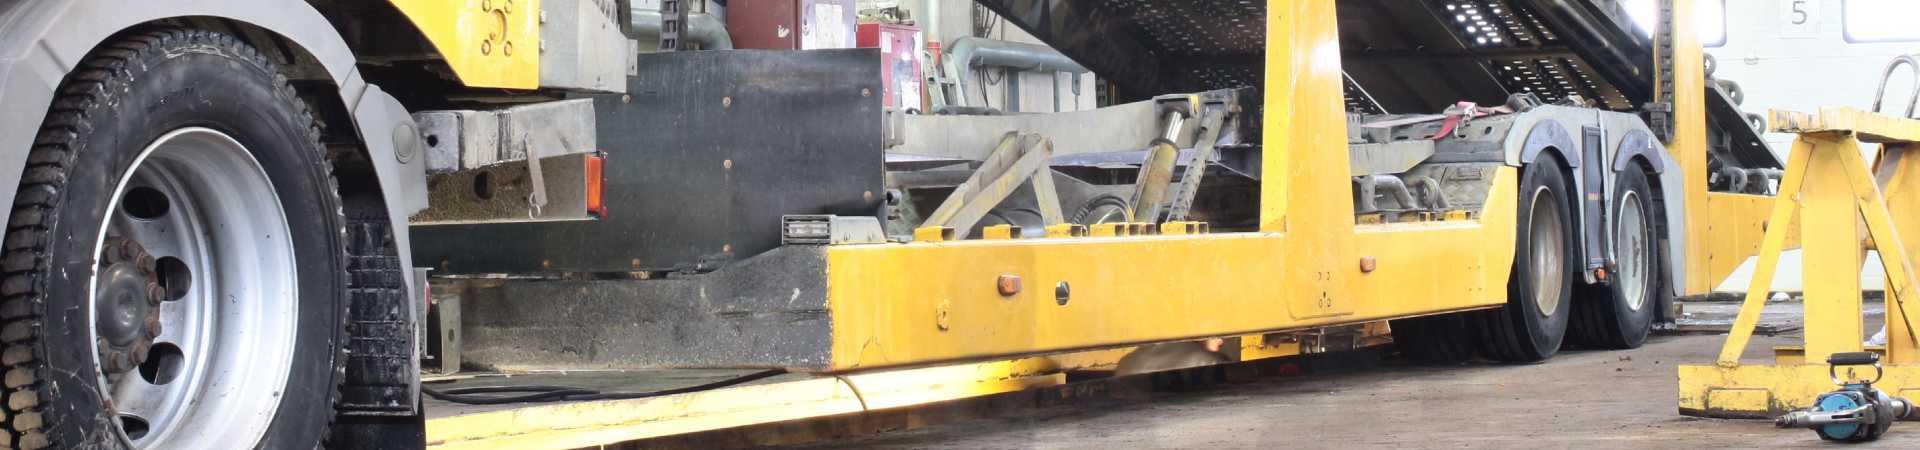 Переоборудование под ремонт автовозов